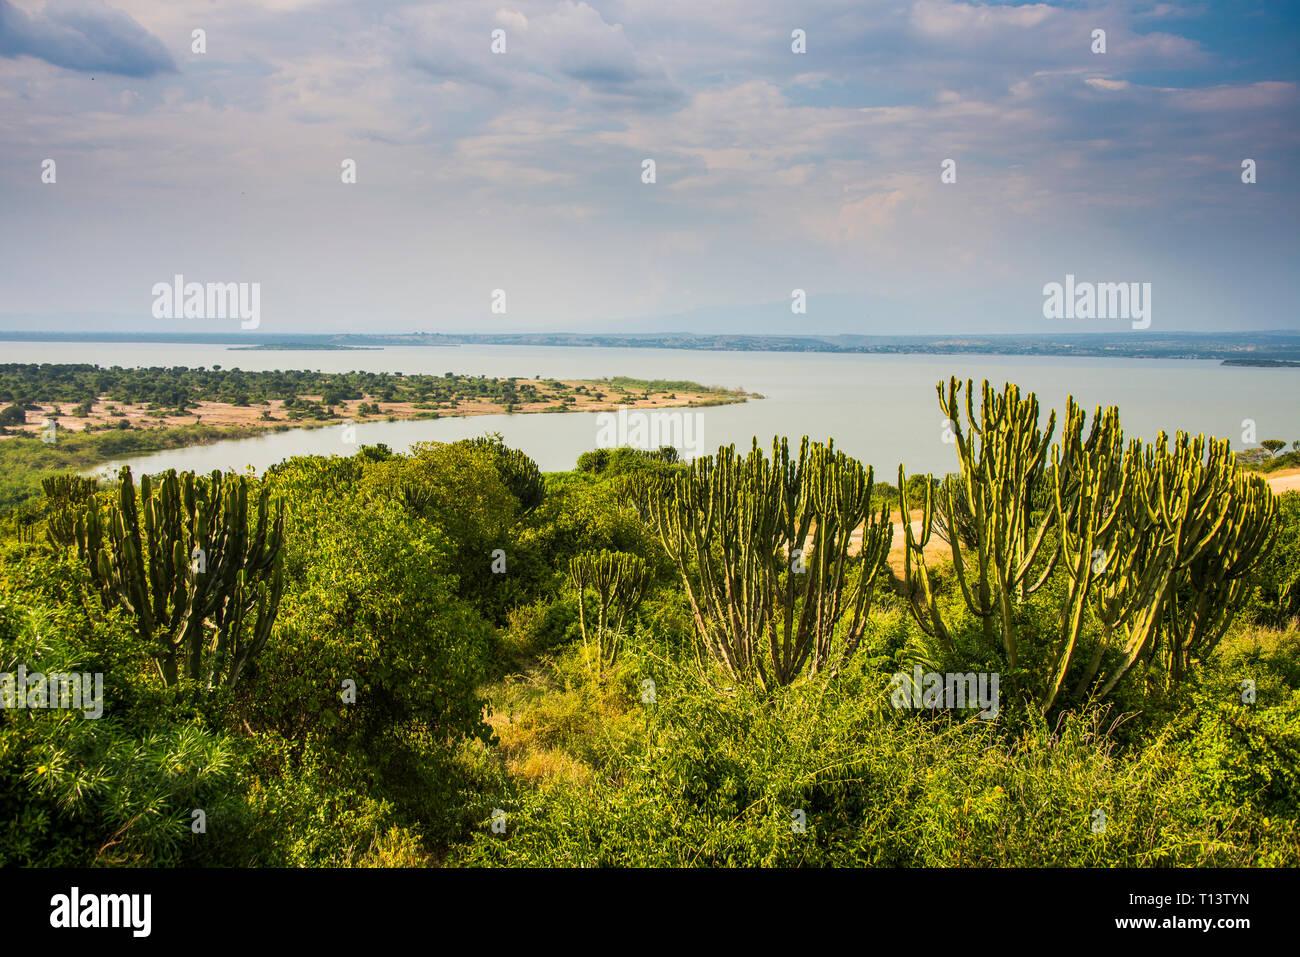 Africa, Uganda, Kazinga channel linking lake george and lake Edward, Queen Elizabeth National Park Stock Photo